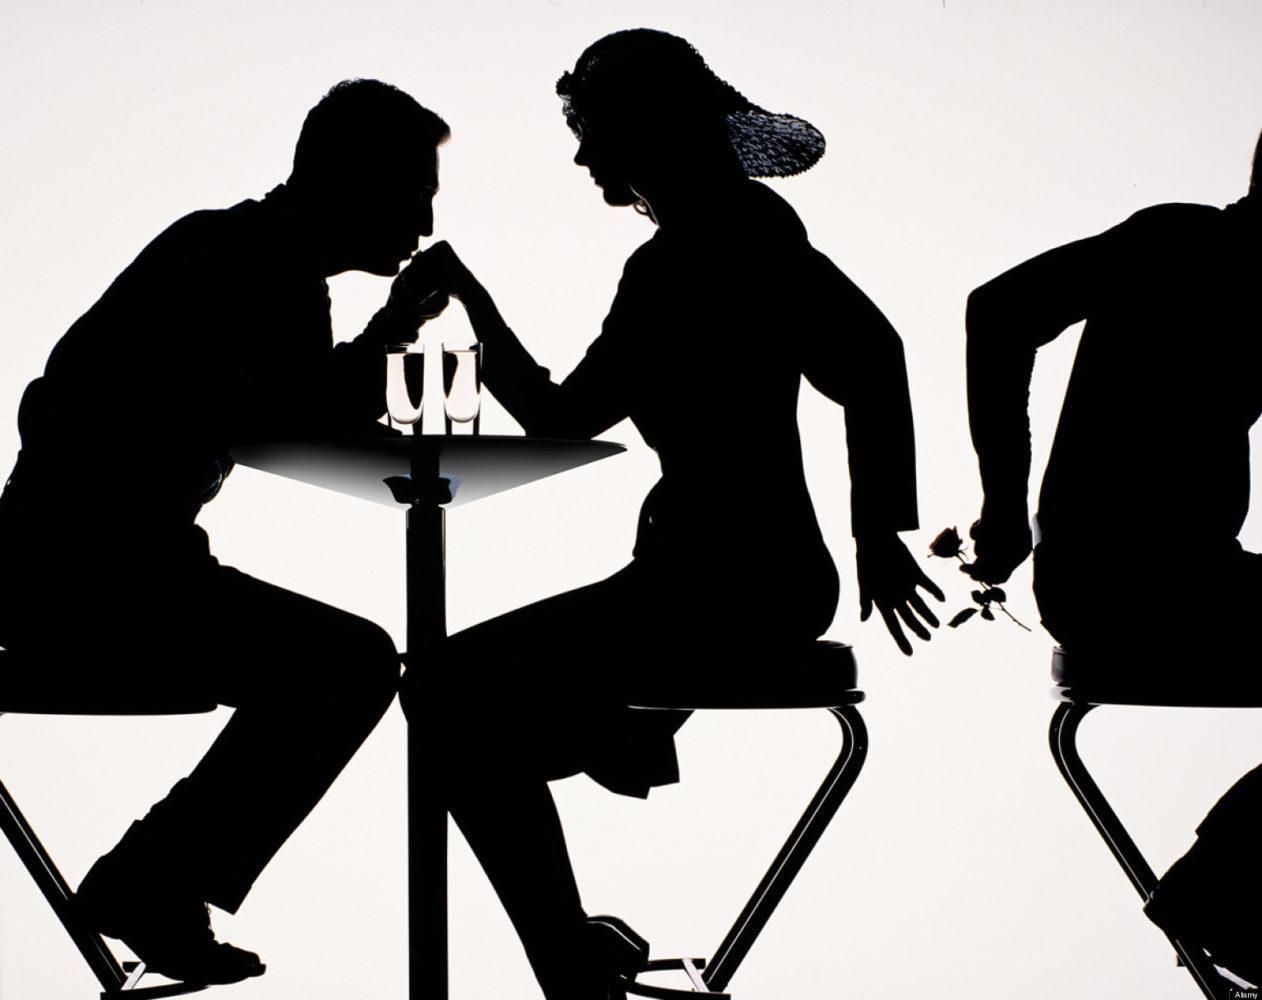 L'infidélité féminine : si tu joues, assumes jusqu'au bout